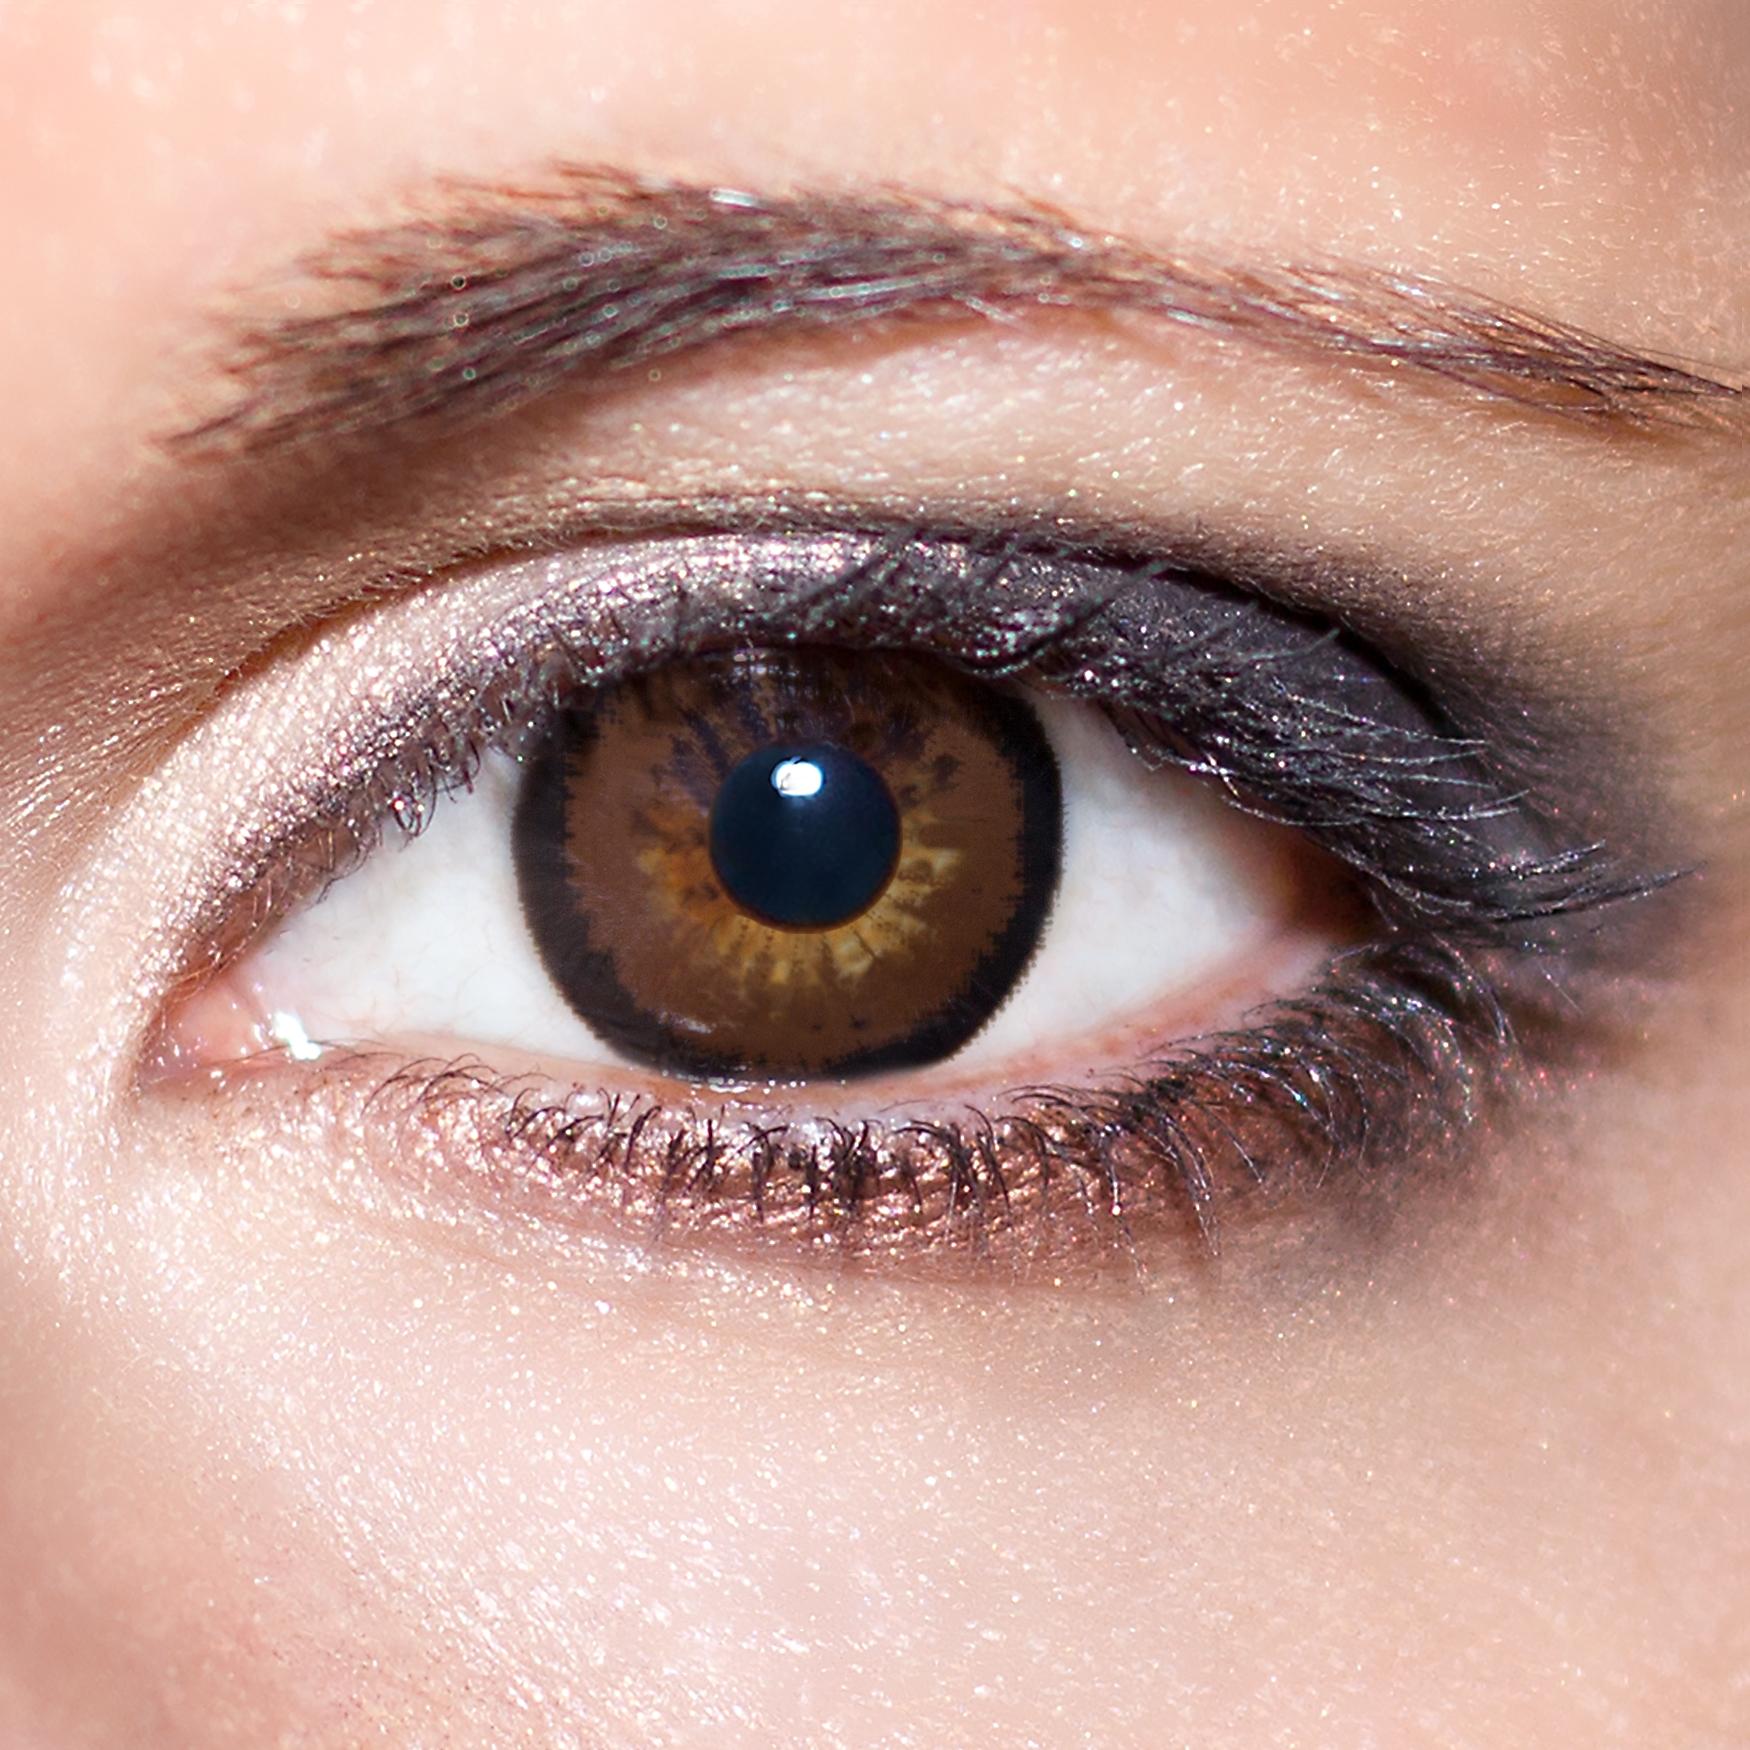 laest technology Sportschuhe großartiges Aussehen Braune große Kontaktlinsen 15mm farbige dunkelbraune Linsen Big Eyes Augen  KwikSibs,auch mit Stärken